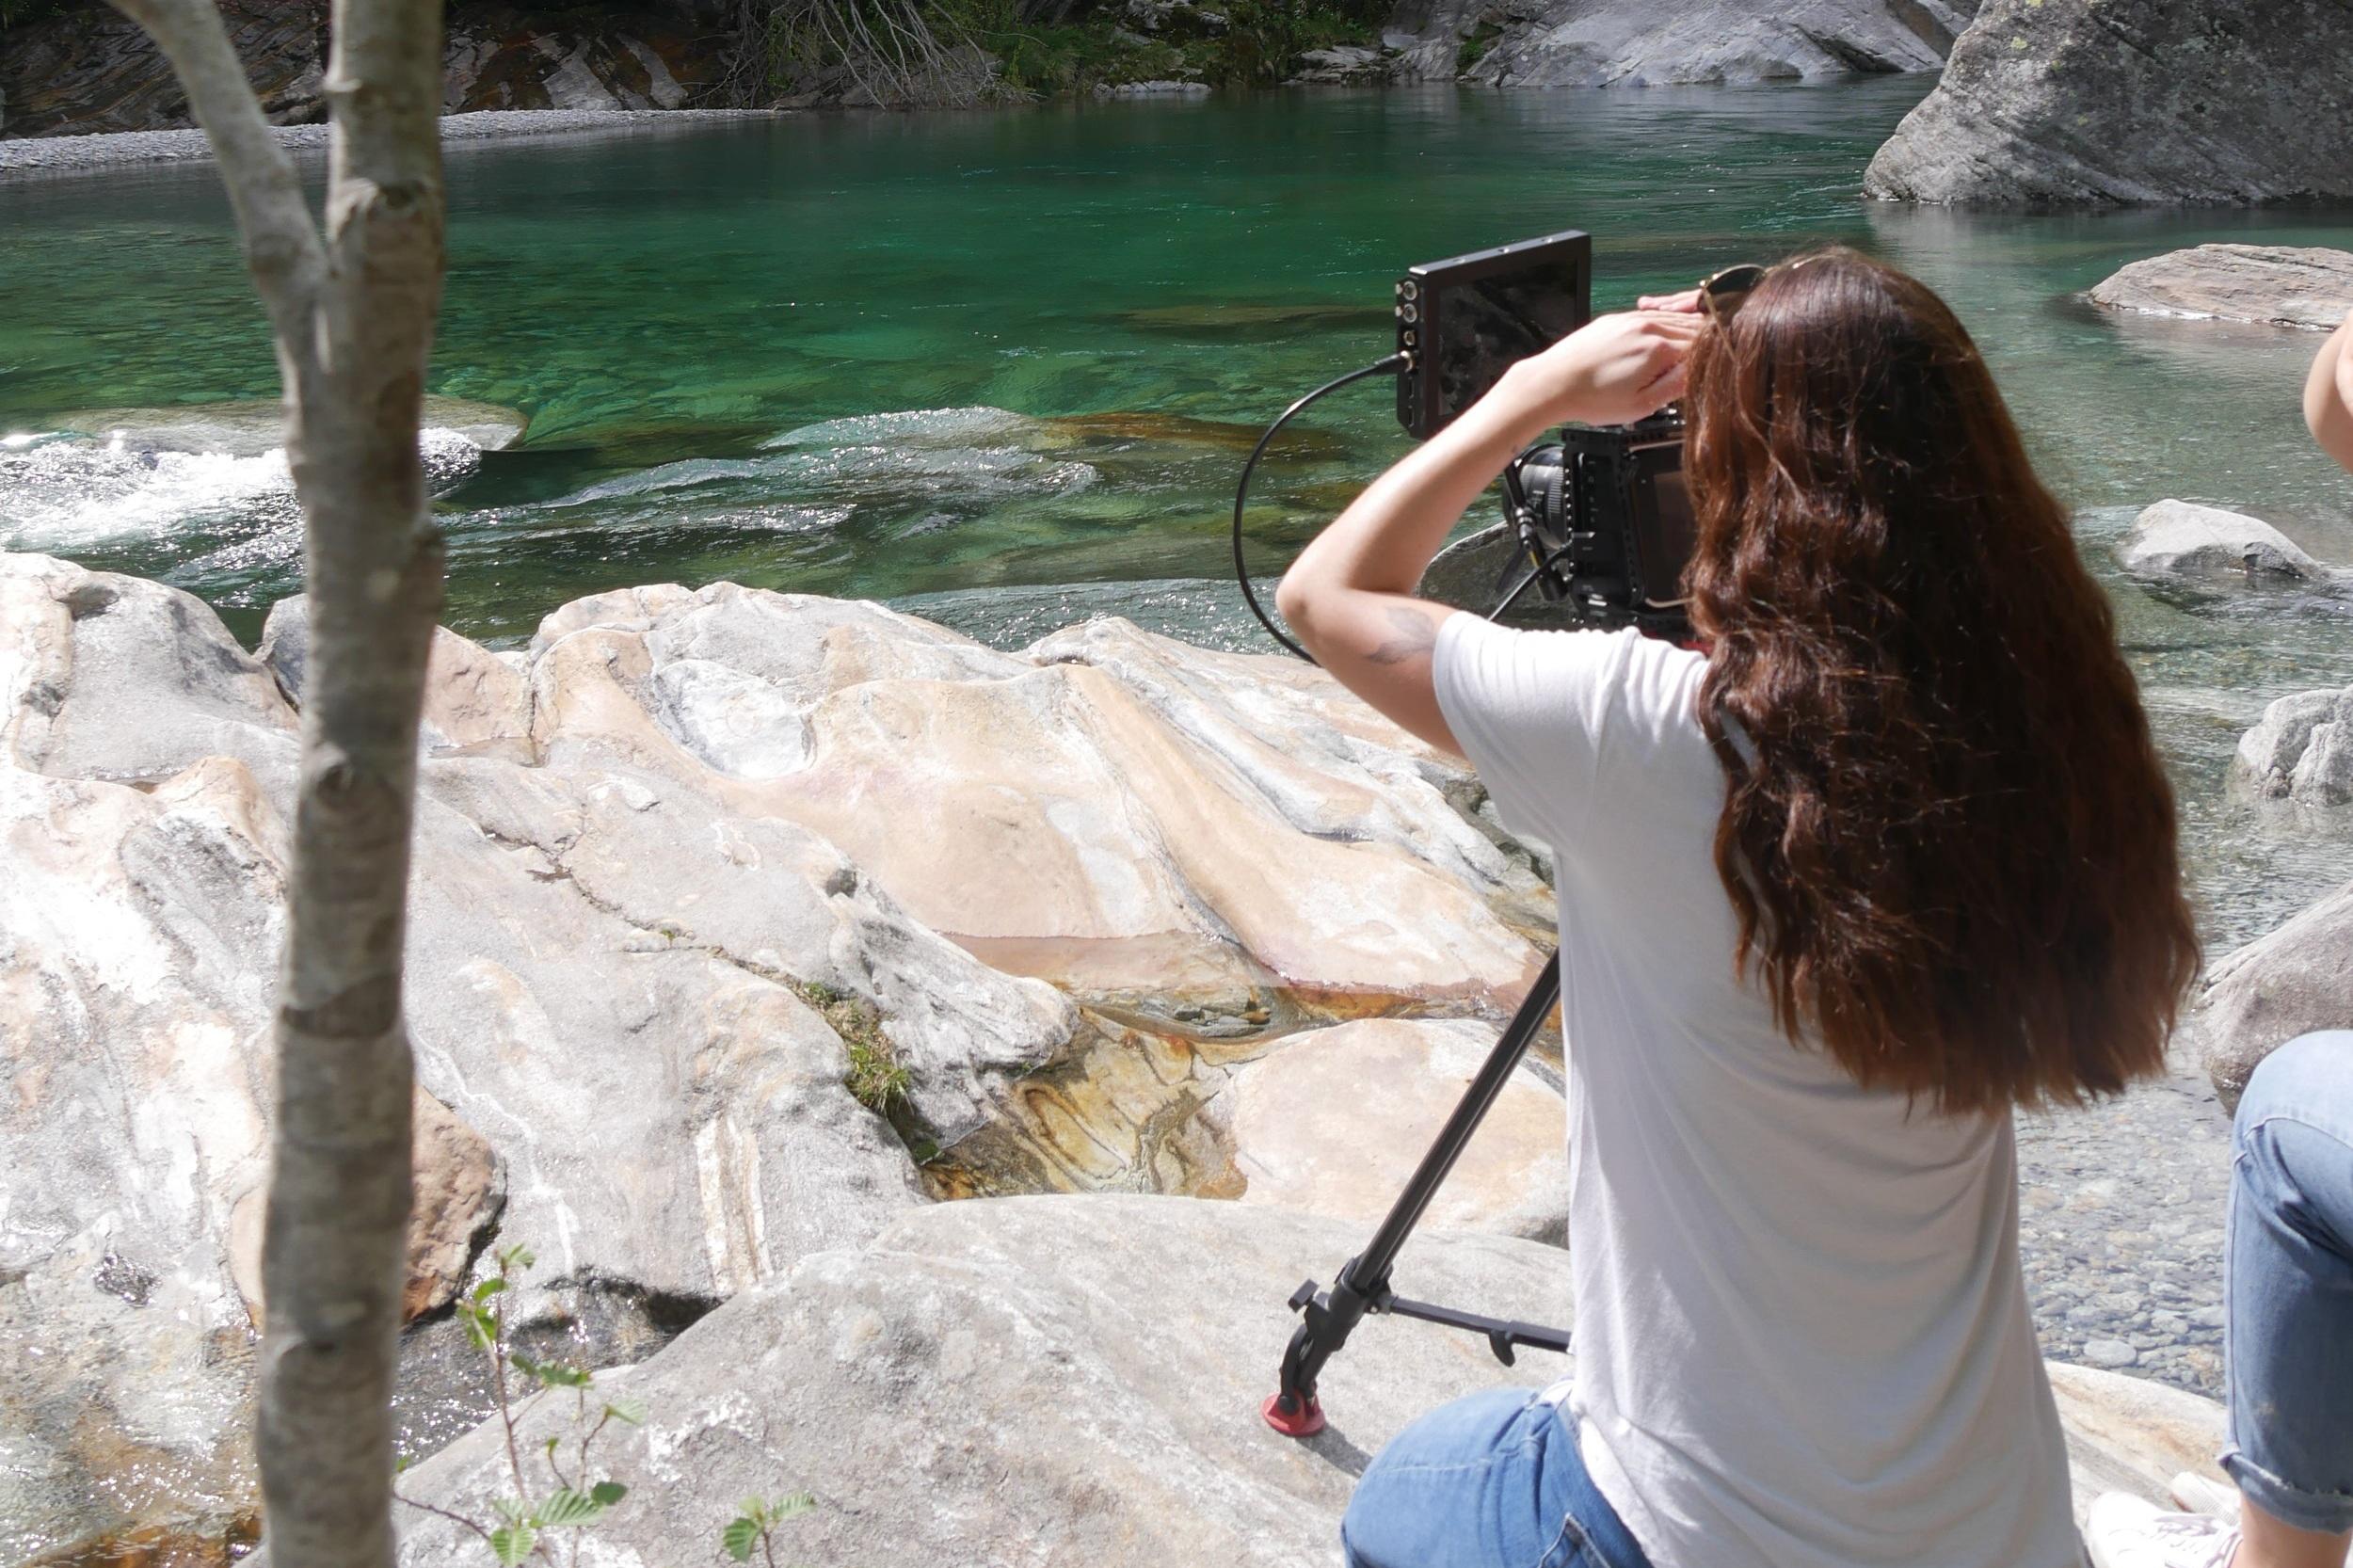 Romaine Imboden (Kamera) beim Dreh für ein Projekt im IDA Modul